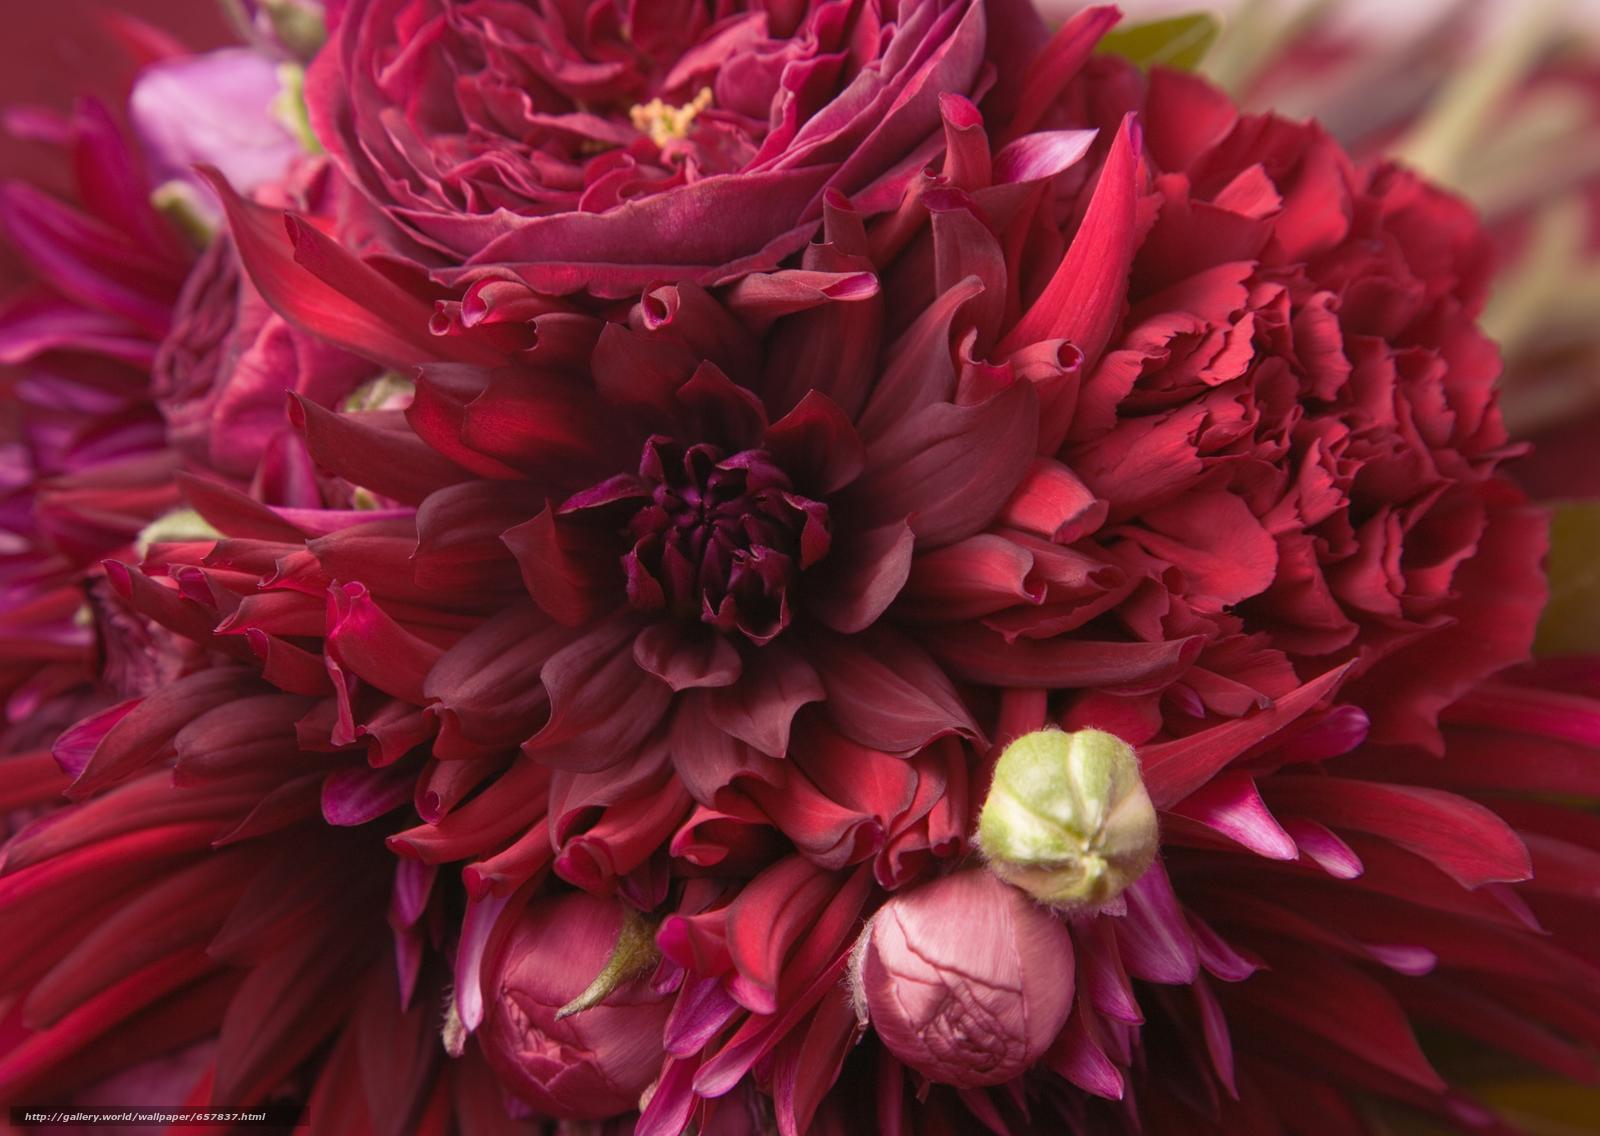 Скачать обои цветы,  цветок,  букет,  композиция бесплатно для рабочего стола в разрешении 2950x2094 — картинка №657837